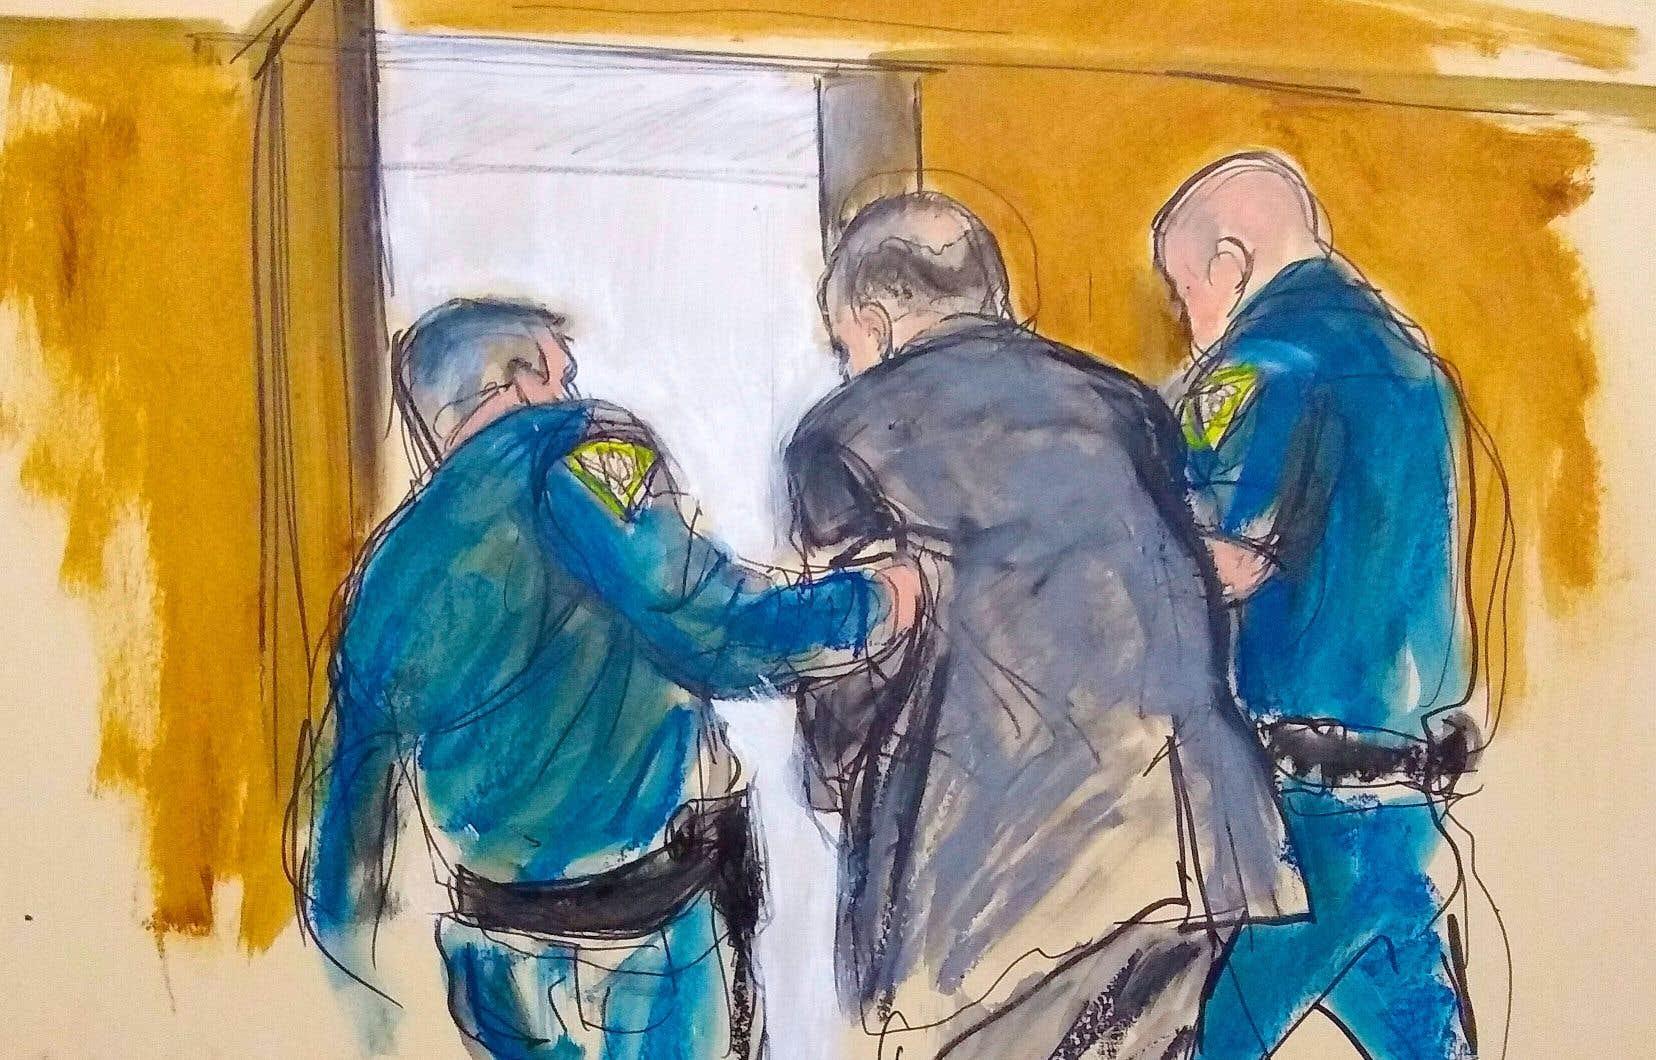 Harvey Weinstein escorté par des policiers après avoir été reconnu coupable d'agression sexuelle et de viol.